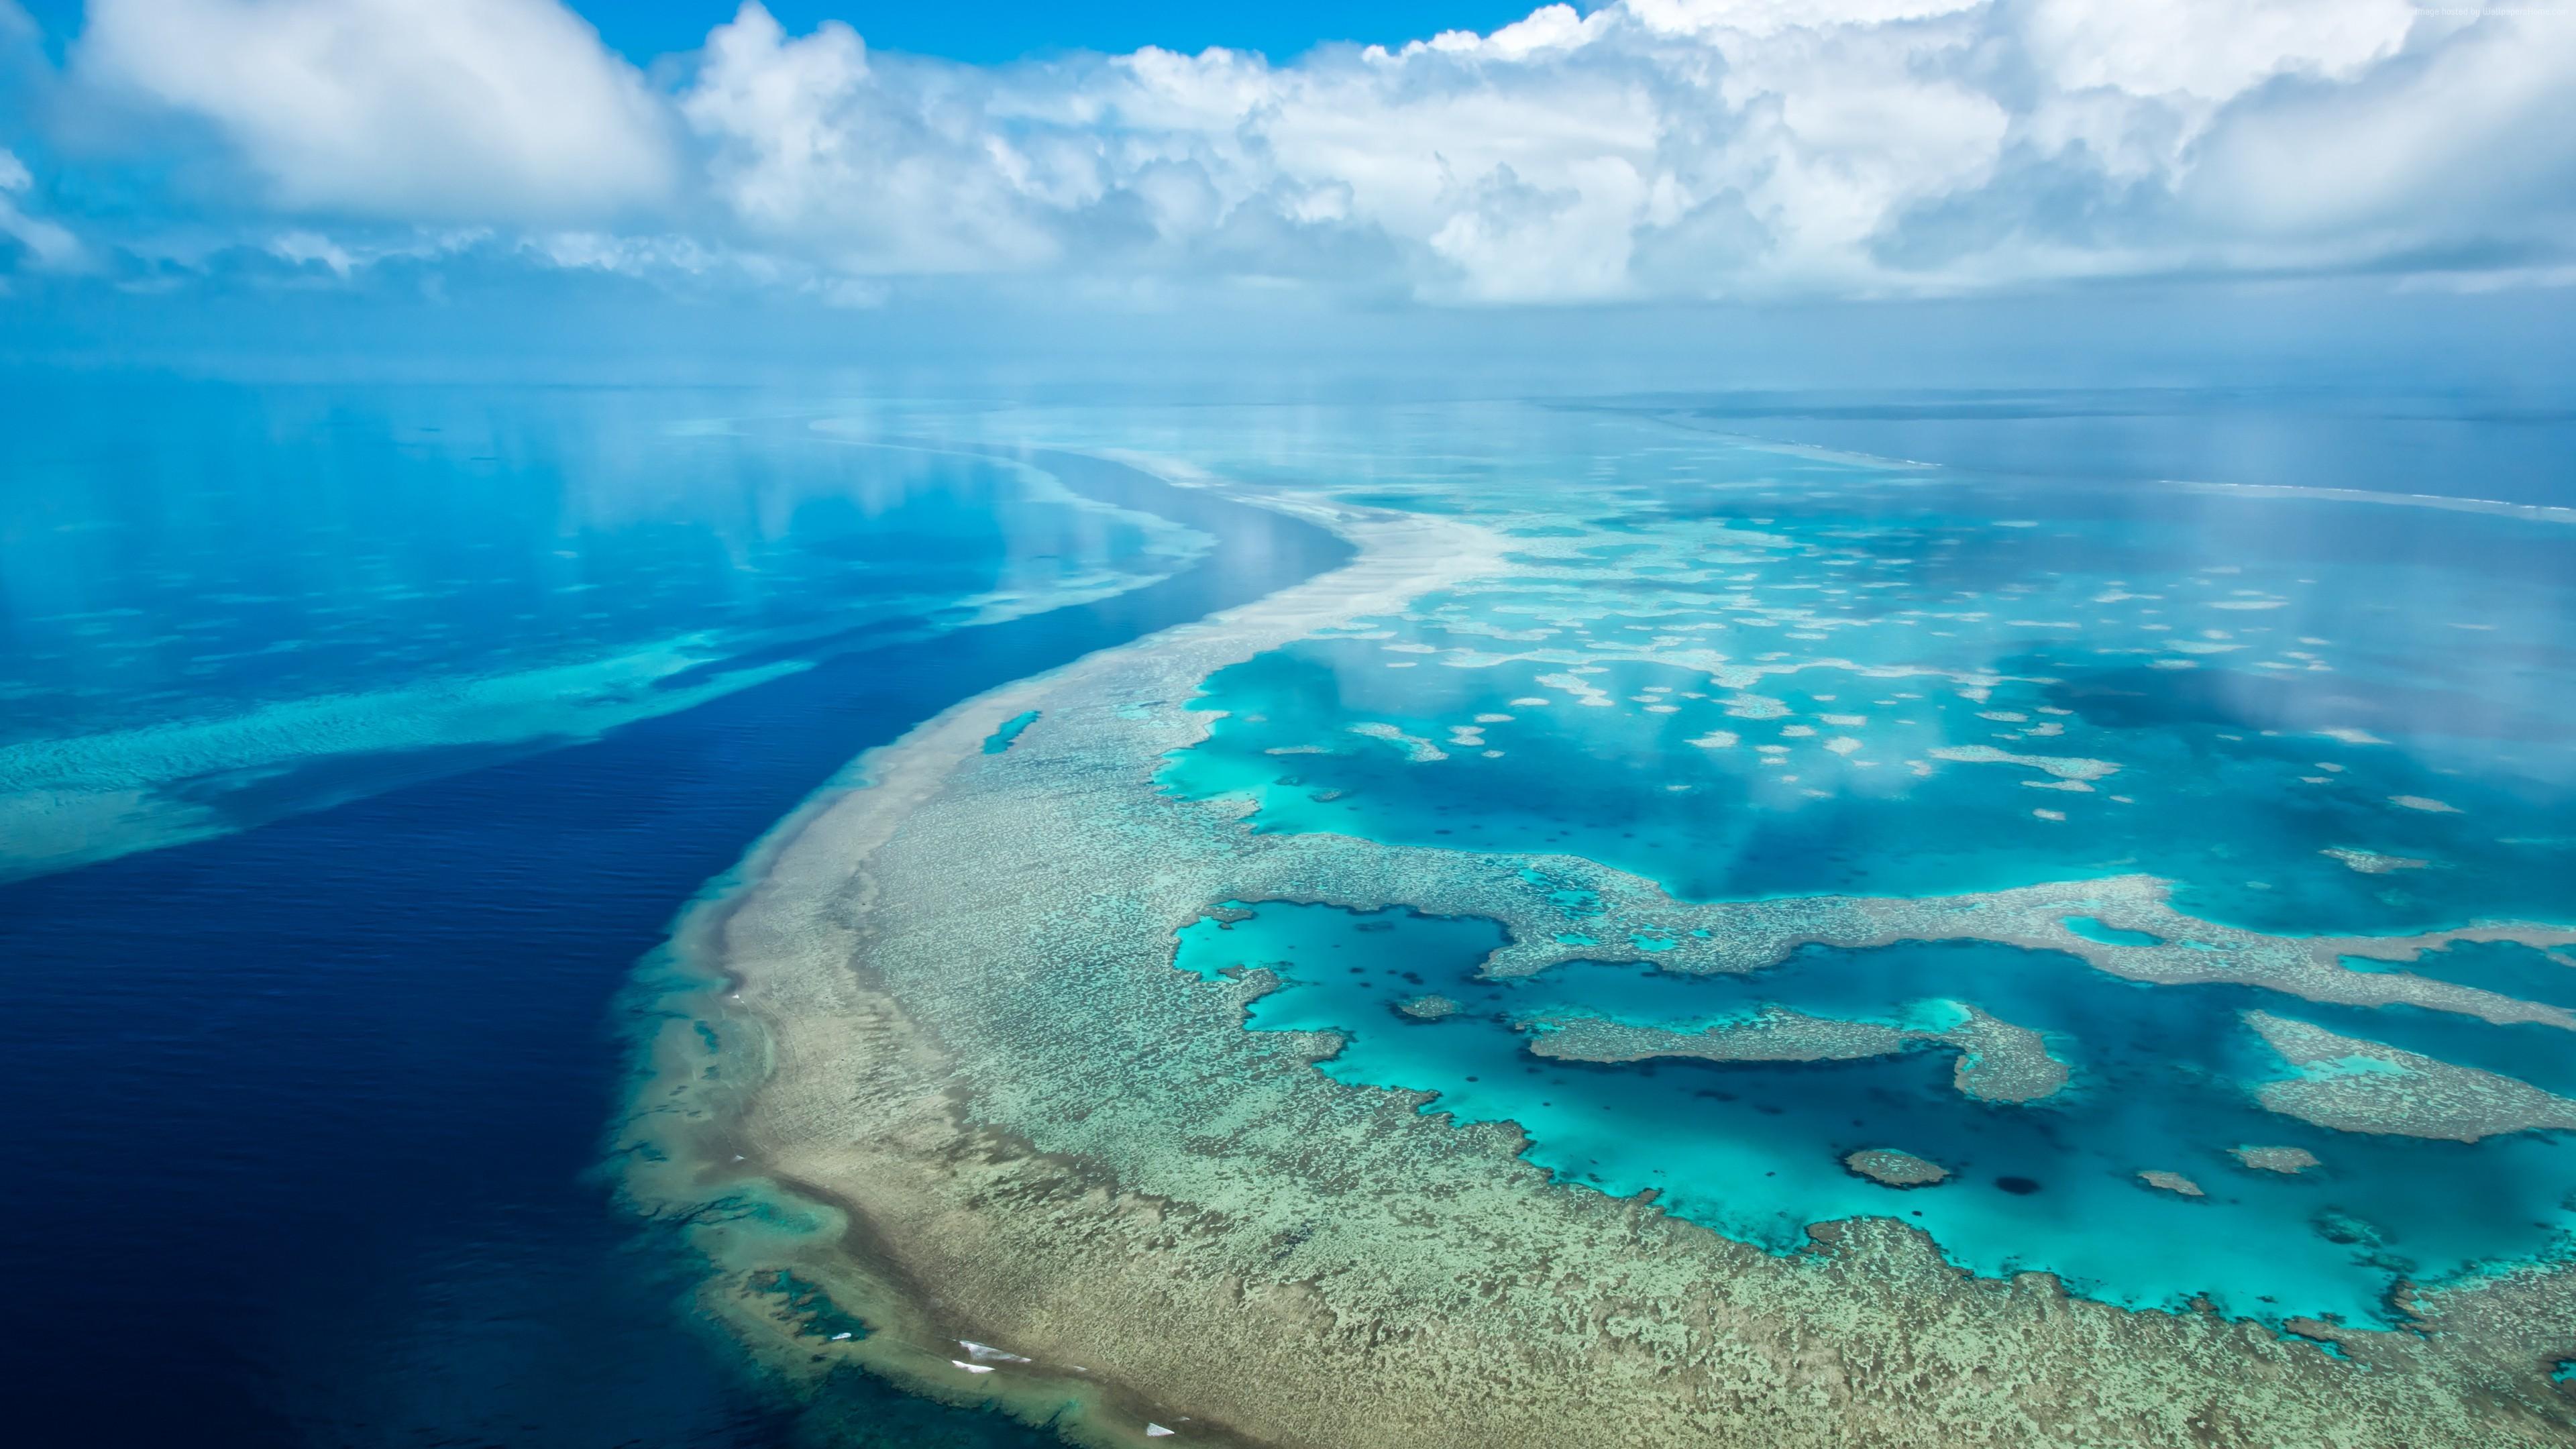 Ocean Wallpapers 74 Pictures